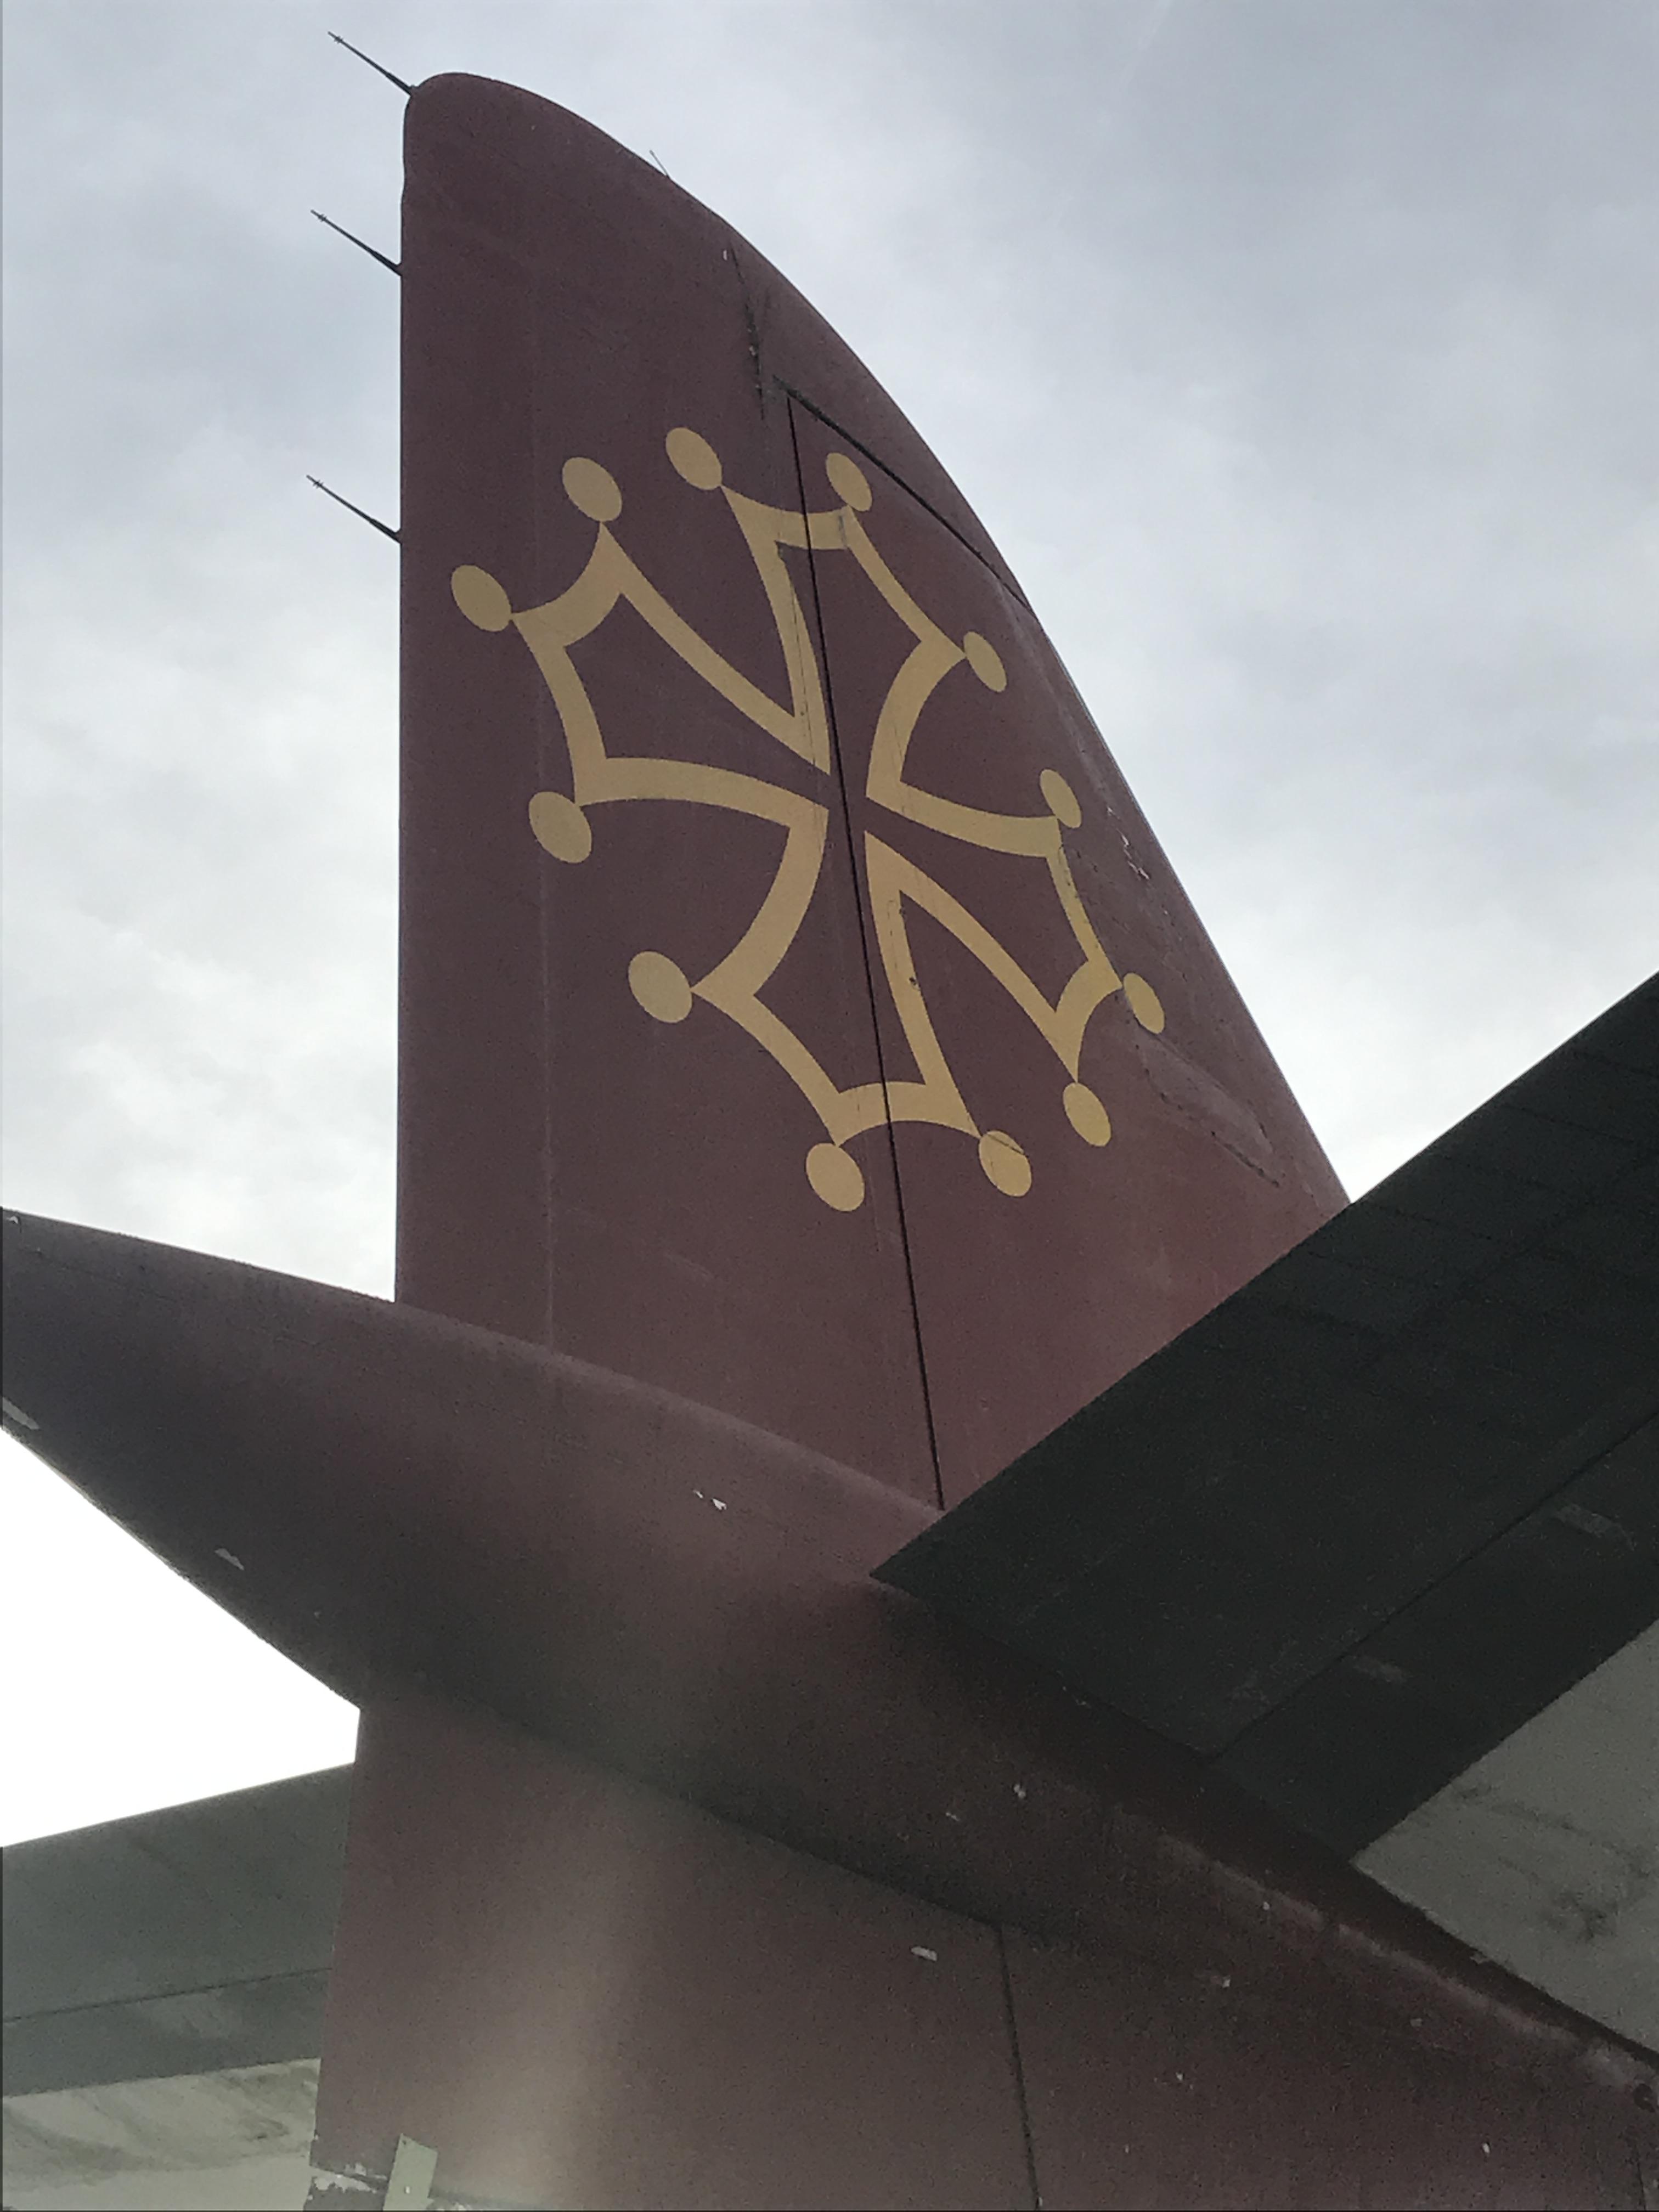 Empennage de la caravelle de Air Toulouse exposée aux Ailes Anciennes par Visit Digital